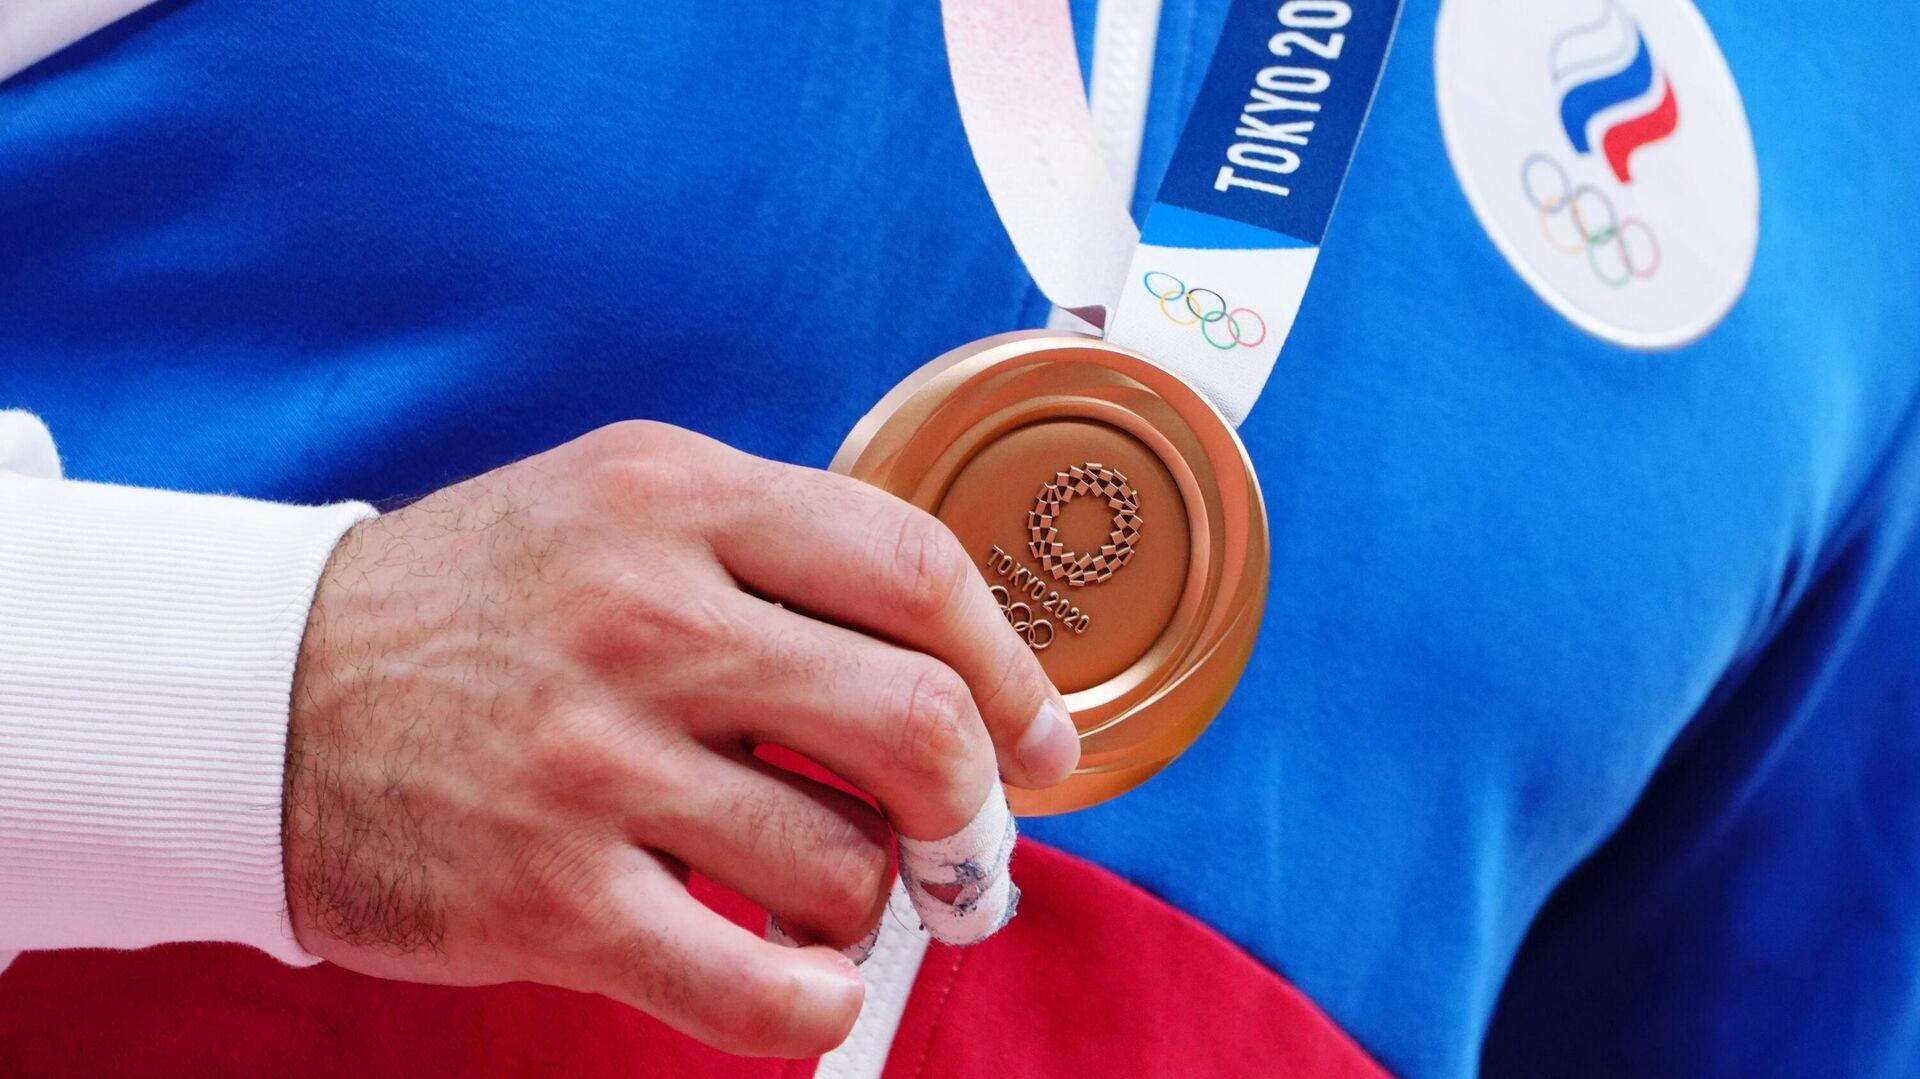 Бронзовая медаль российского дзюдоиста Нияза Ильясова - РИА Новости, 1920, 29.07.2021